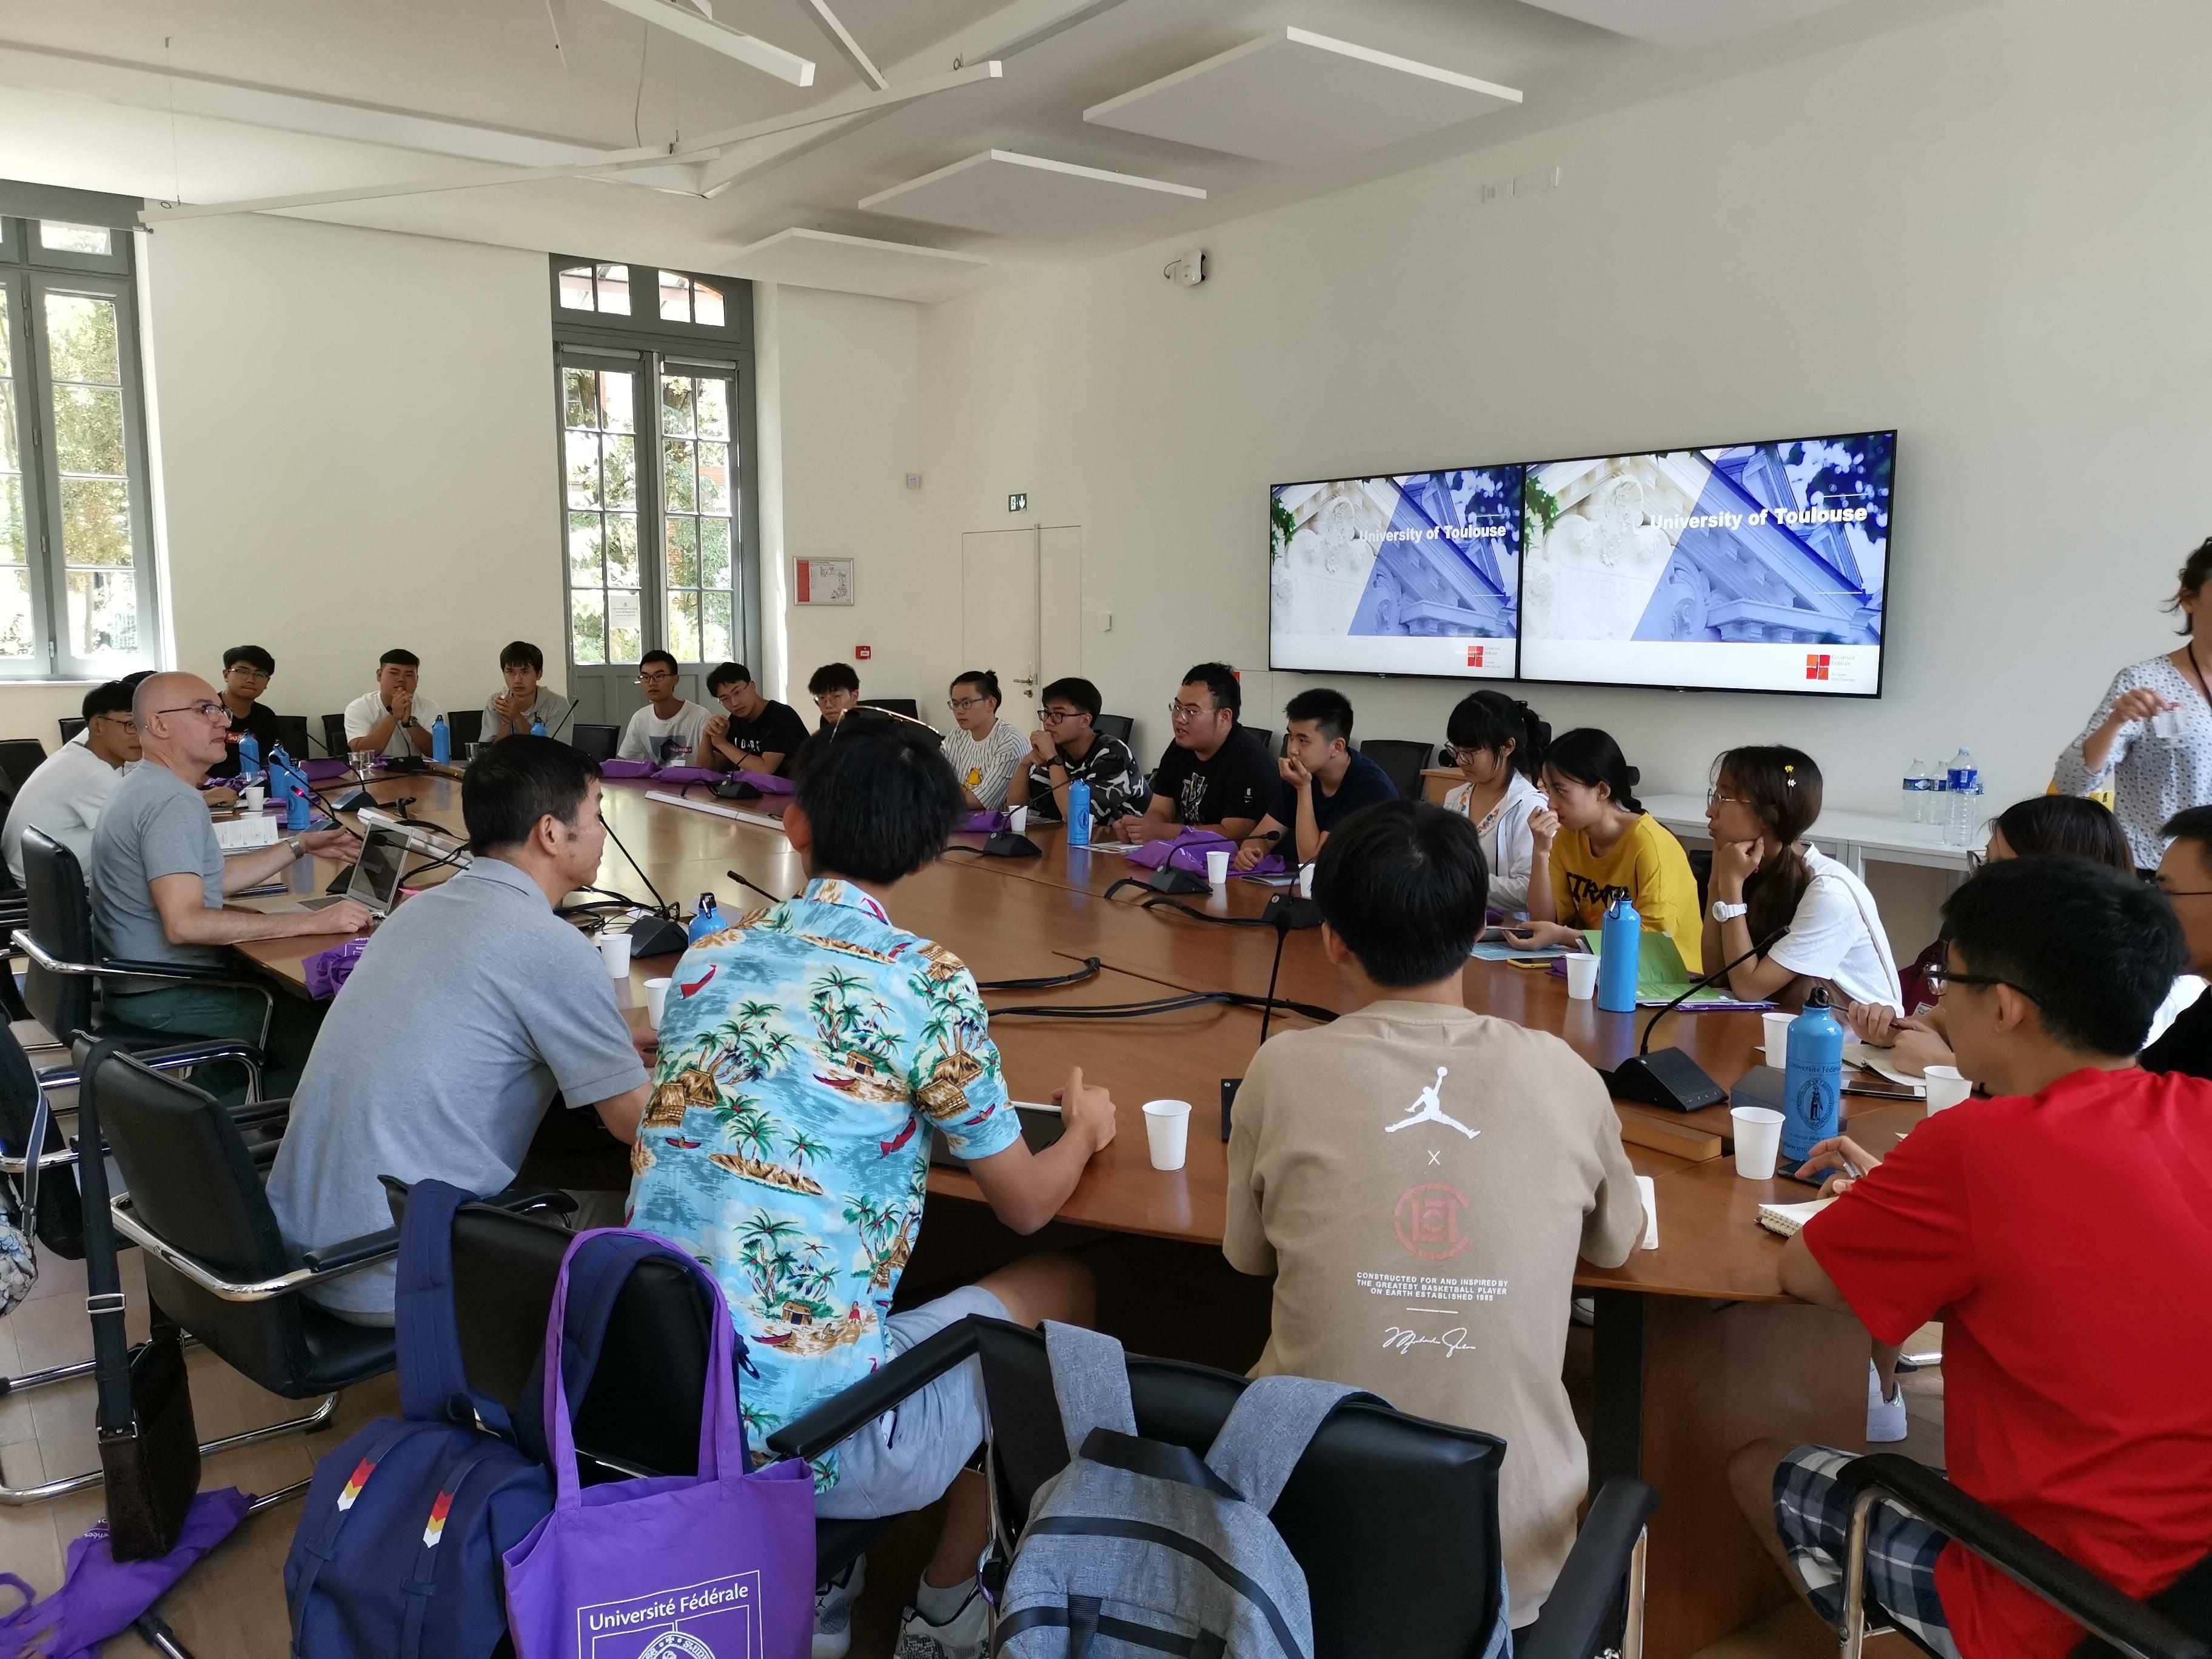 【大川视界】我校学子赴法国图卢兹比利牛斯联合大学开展暑期访学活动